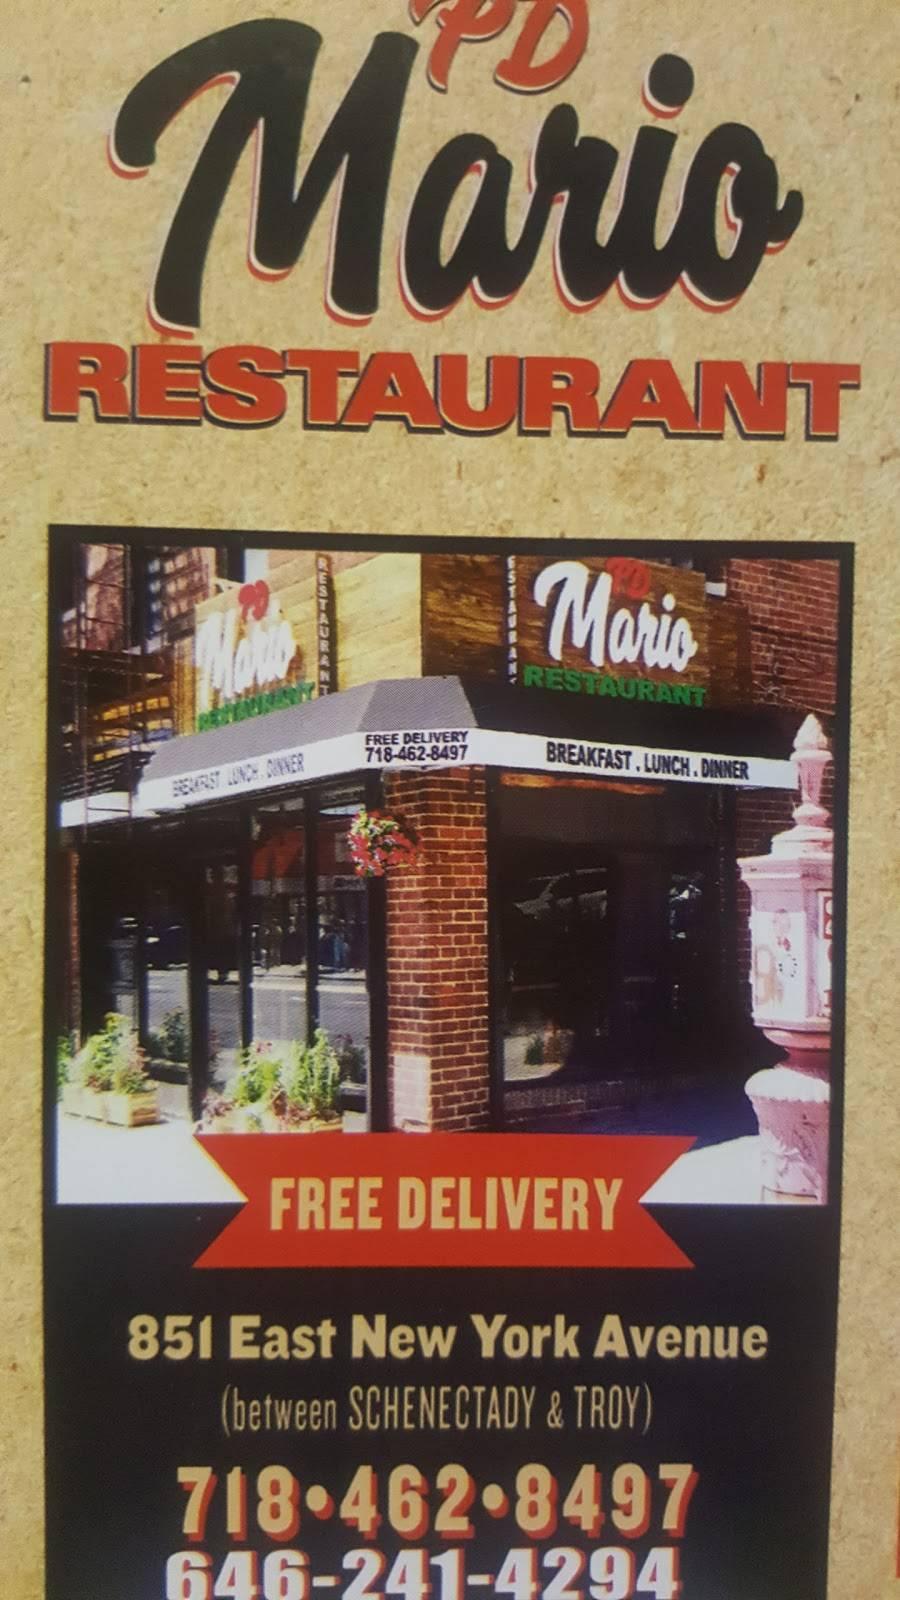 PD MARIO RESTAURANT | restaurant | 851 E New York Ave, Brooklyn, NY 11203, USA | 7184628497 OR +1 718-462-8497